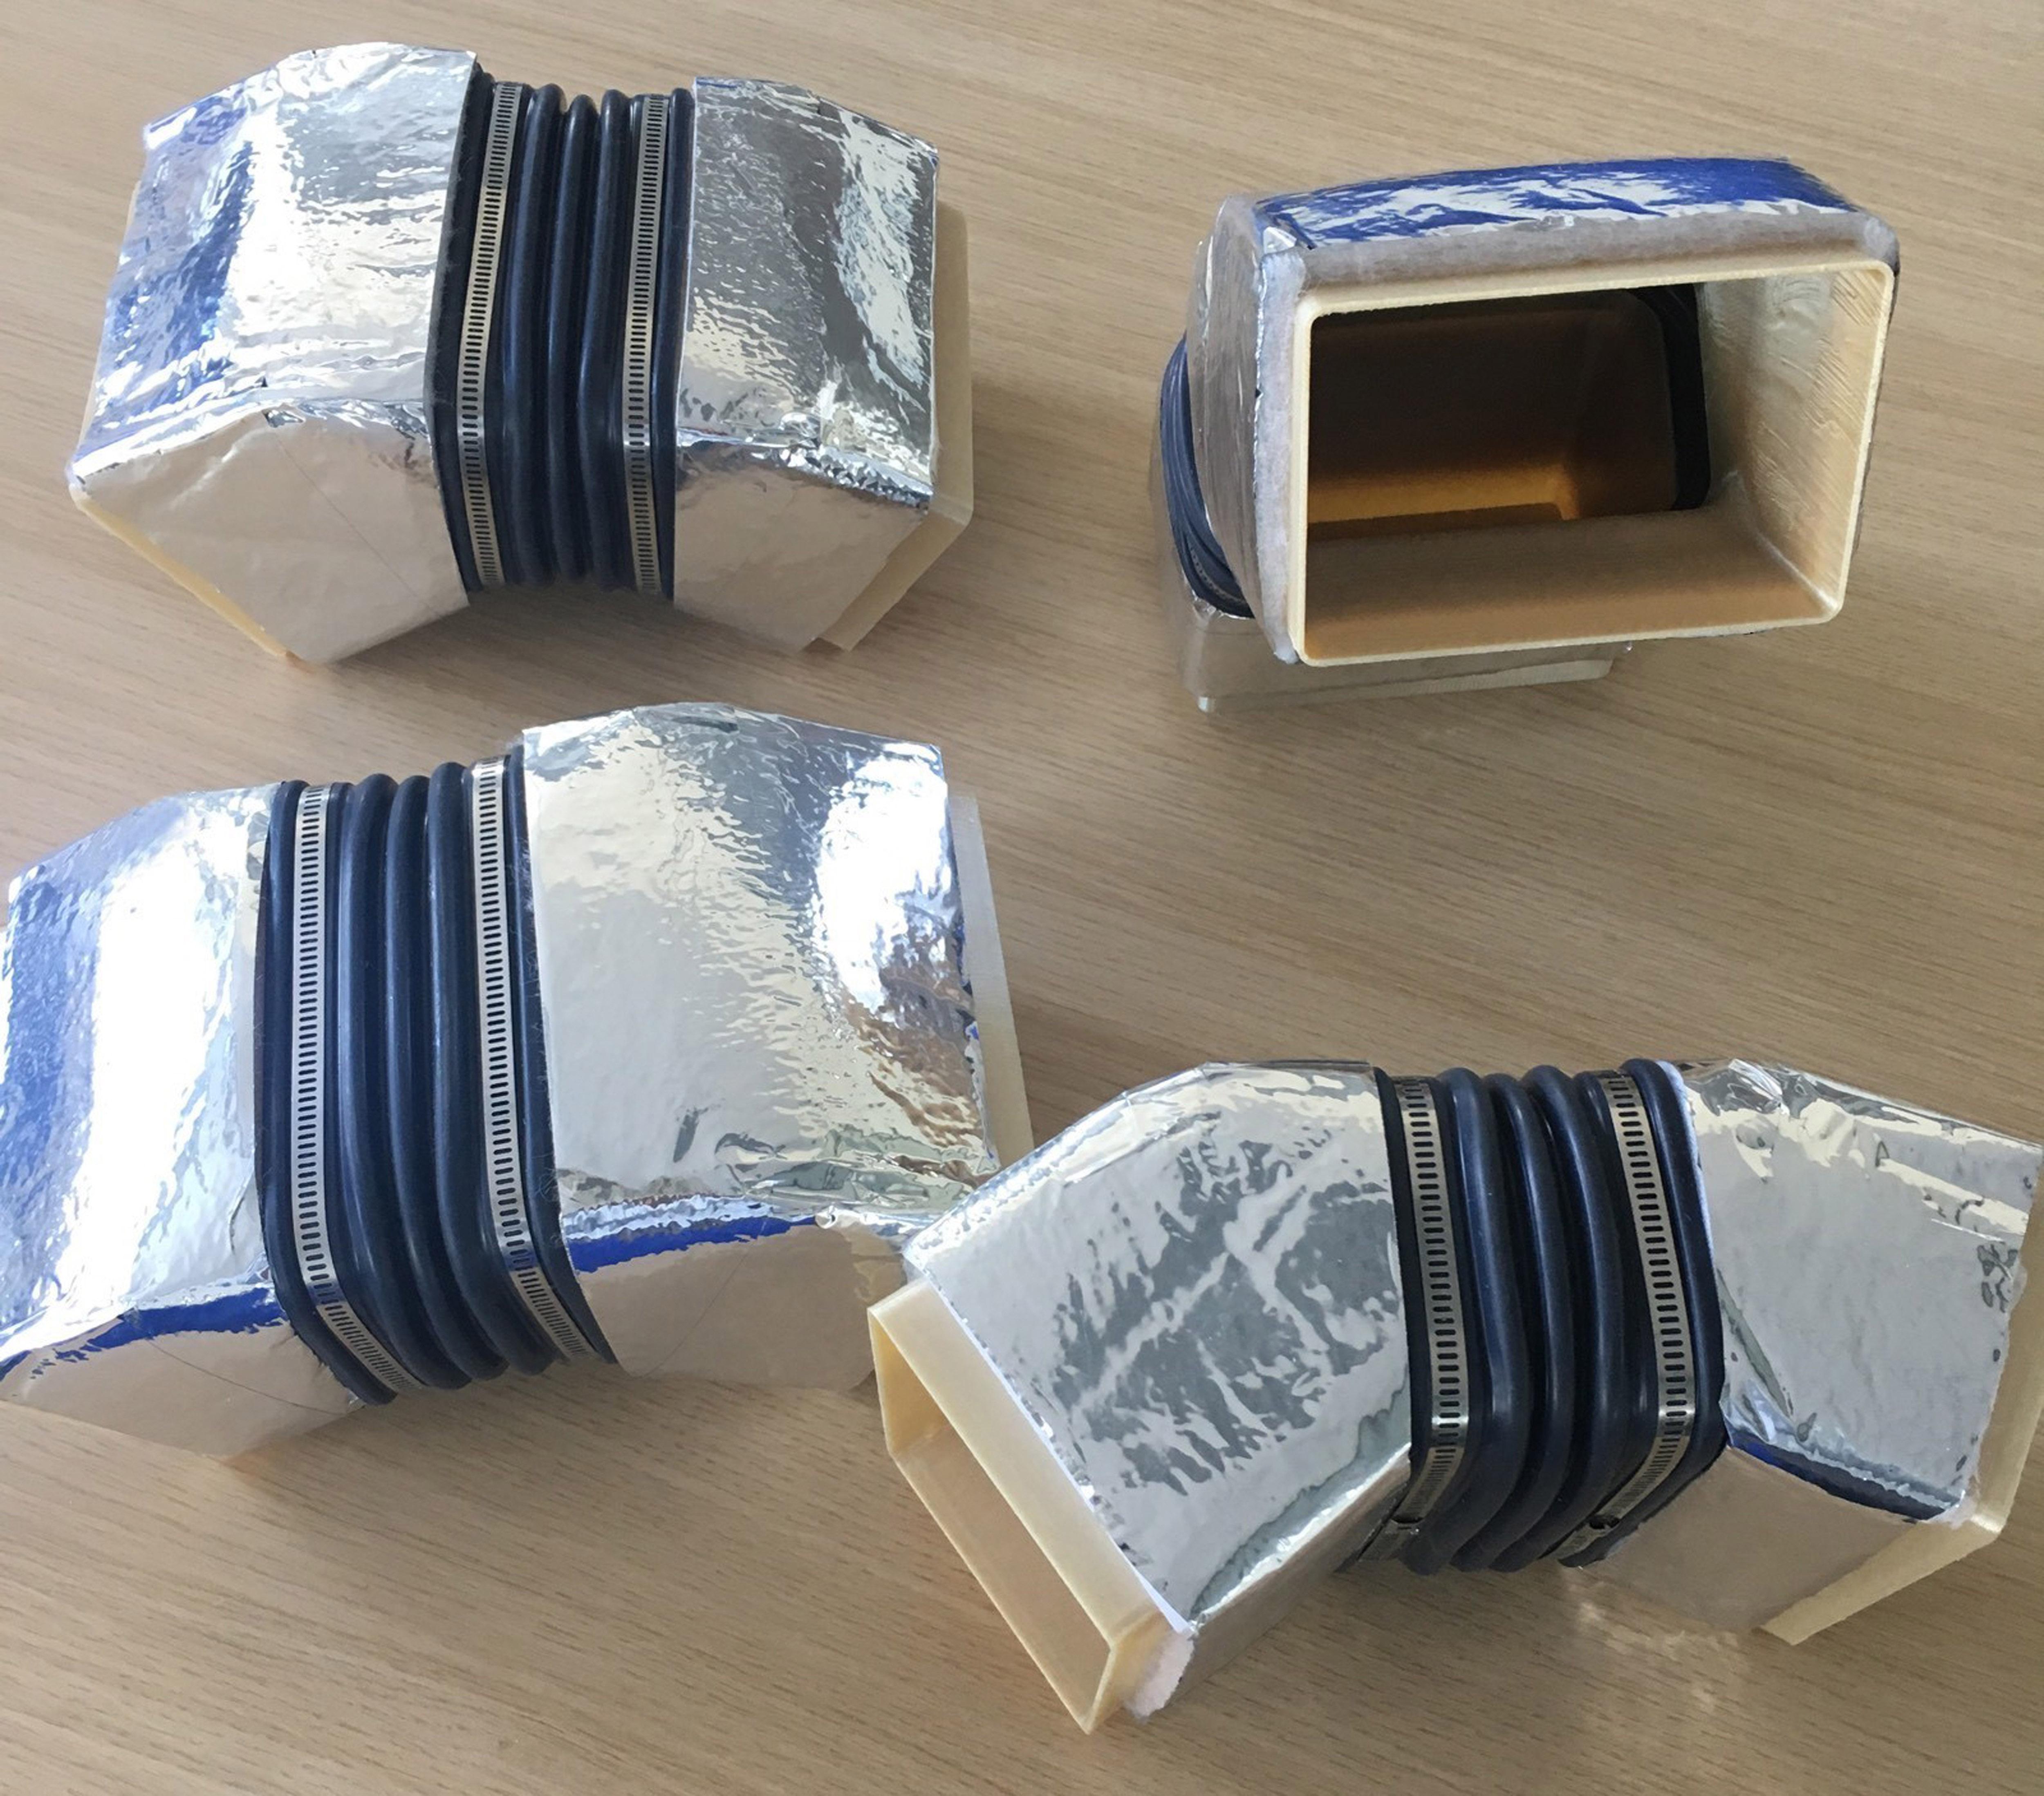 Rustin accélère sa production tout en réduisant ses coûts d'outillage de 50 % grâce à ses nouvelles imprimantes 3D FMD de Stratasys